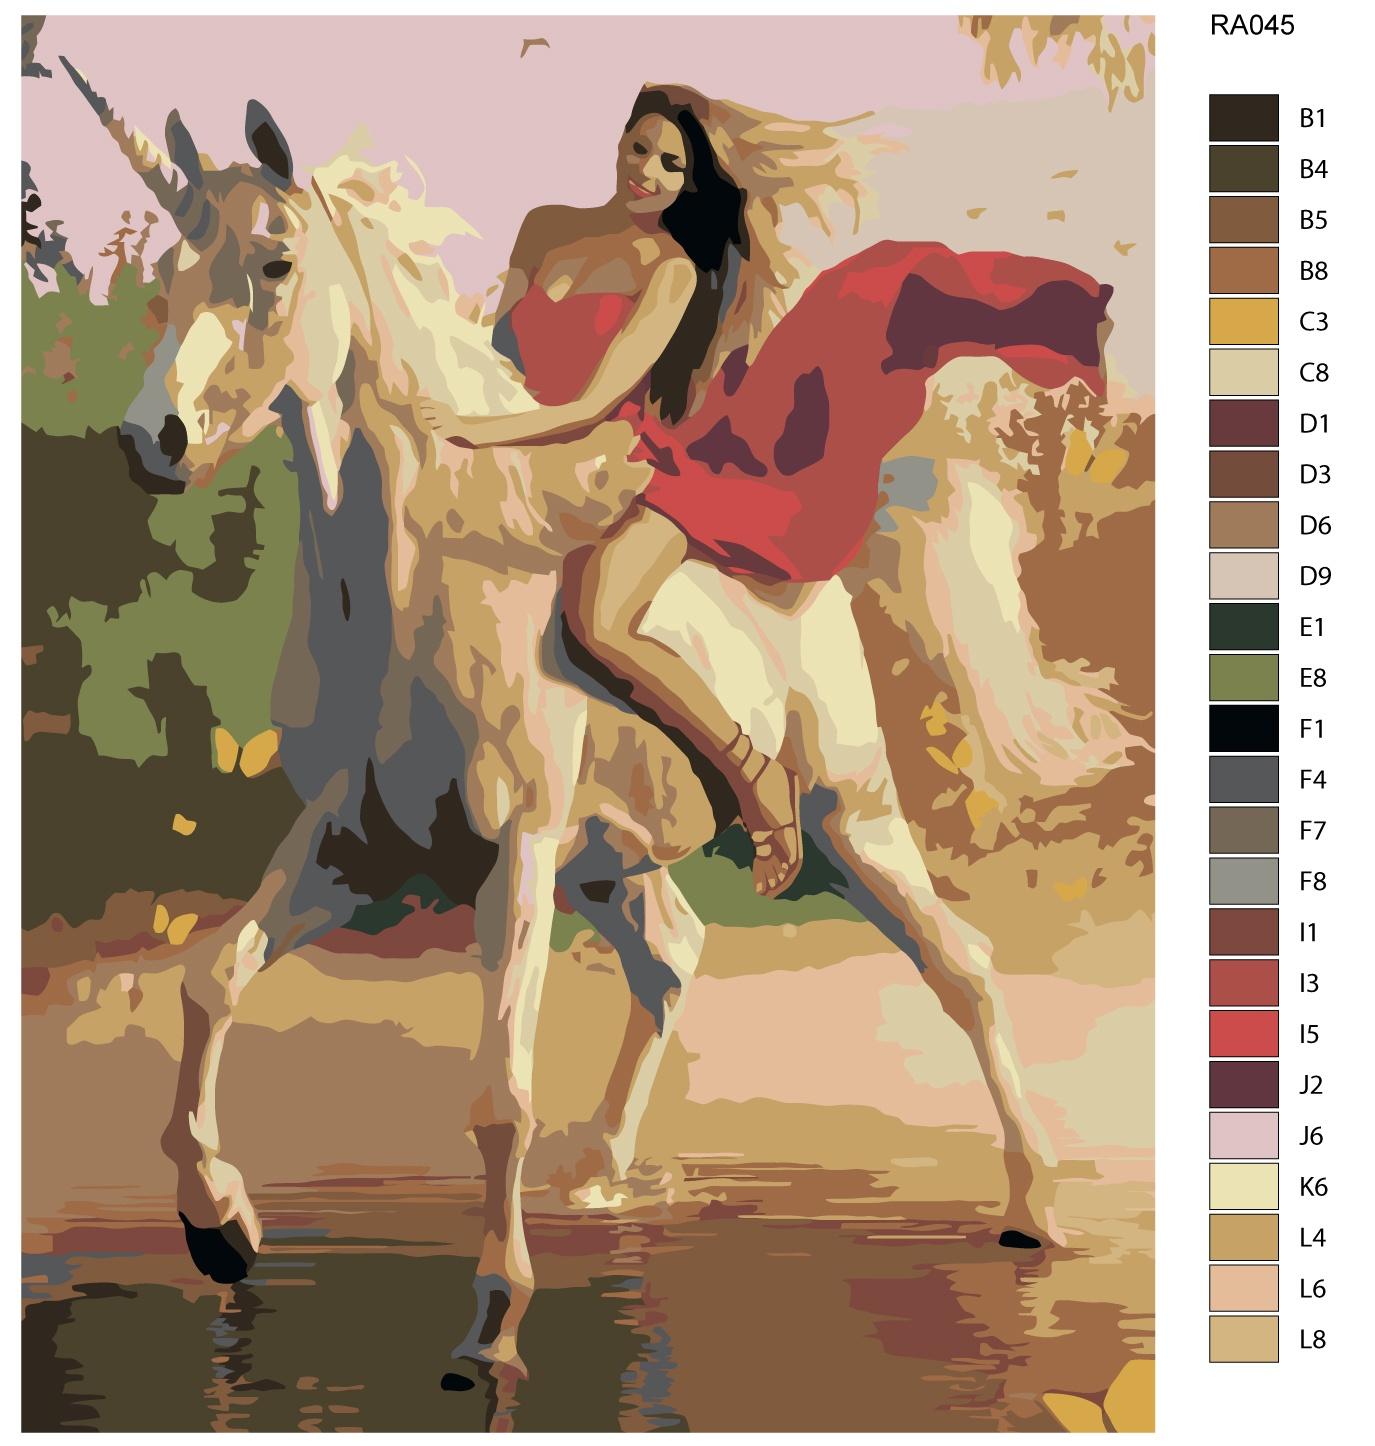 Набор для создания картины Живопись по номерам RA045RA045Количество красок от 18 до 24. Картина раскрашивается без смешивания красок. Высококачественные акриловые краски собственного производства сделают вашу картину яркой и уникальной. Все необходимые материалы есть в комплекте: натуральный хлопковый холст, натянутый на деревянный подрамник, баночки с акриловыми красками на водной основе, 3 кисти из качественного нейлона, схема раскрашивания, инструкция. Просто закрашивайте участки красками с соответствующим номером.